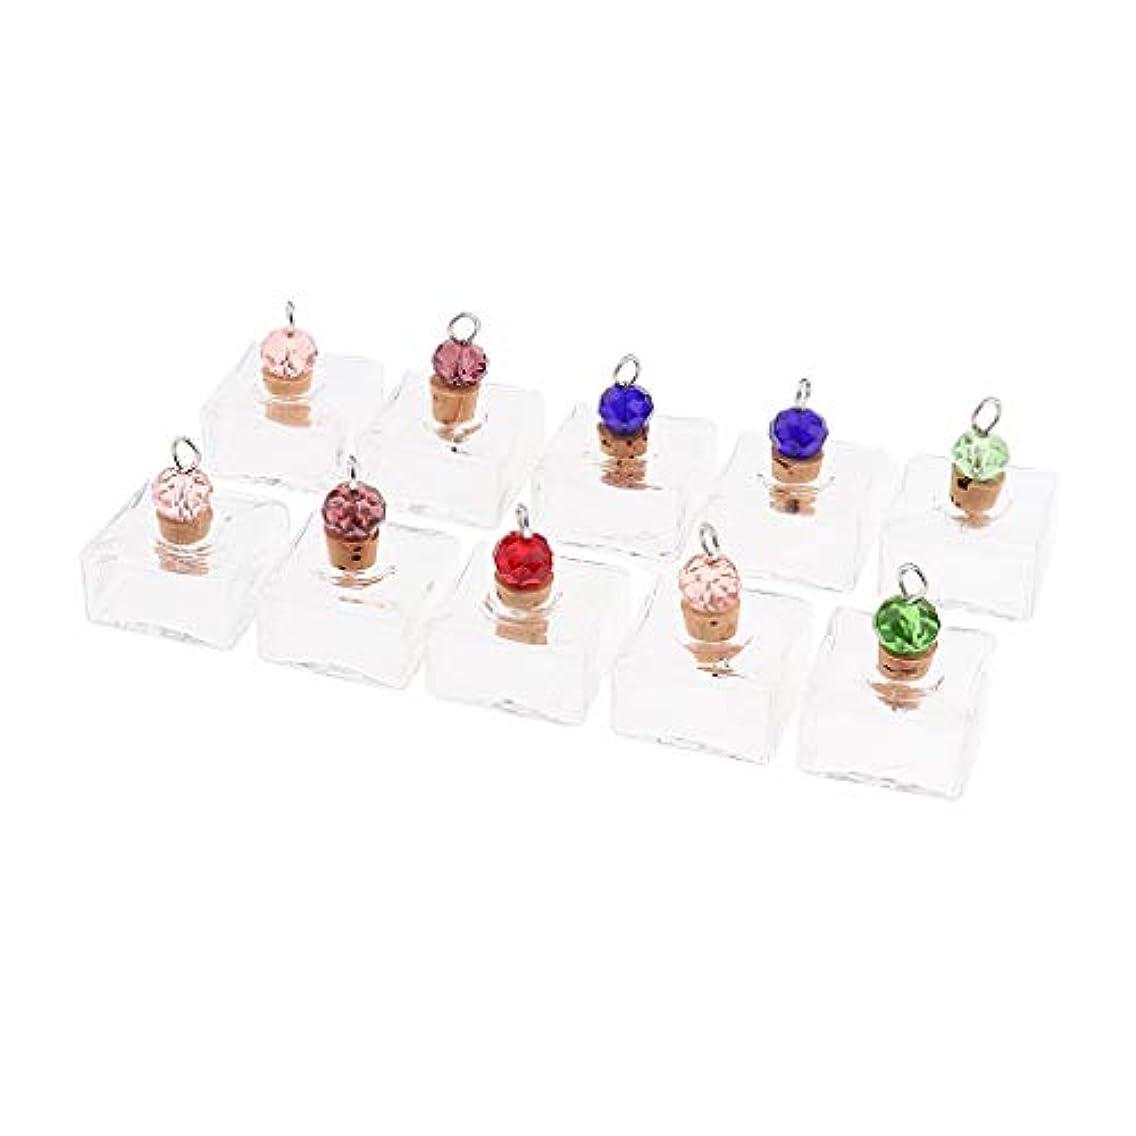 発疹何か軍艦エッセンシャルオイルボトル アロマ ペンダント 香水瓶 ネックレス ガラス 1.5ML ギフト 10個